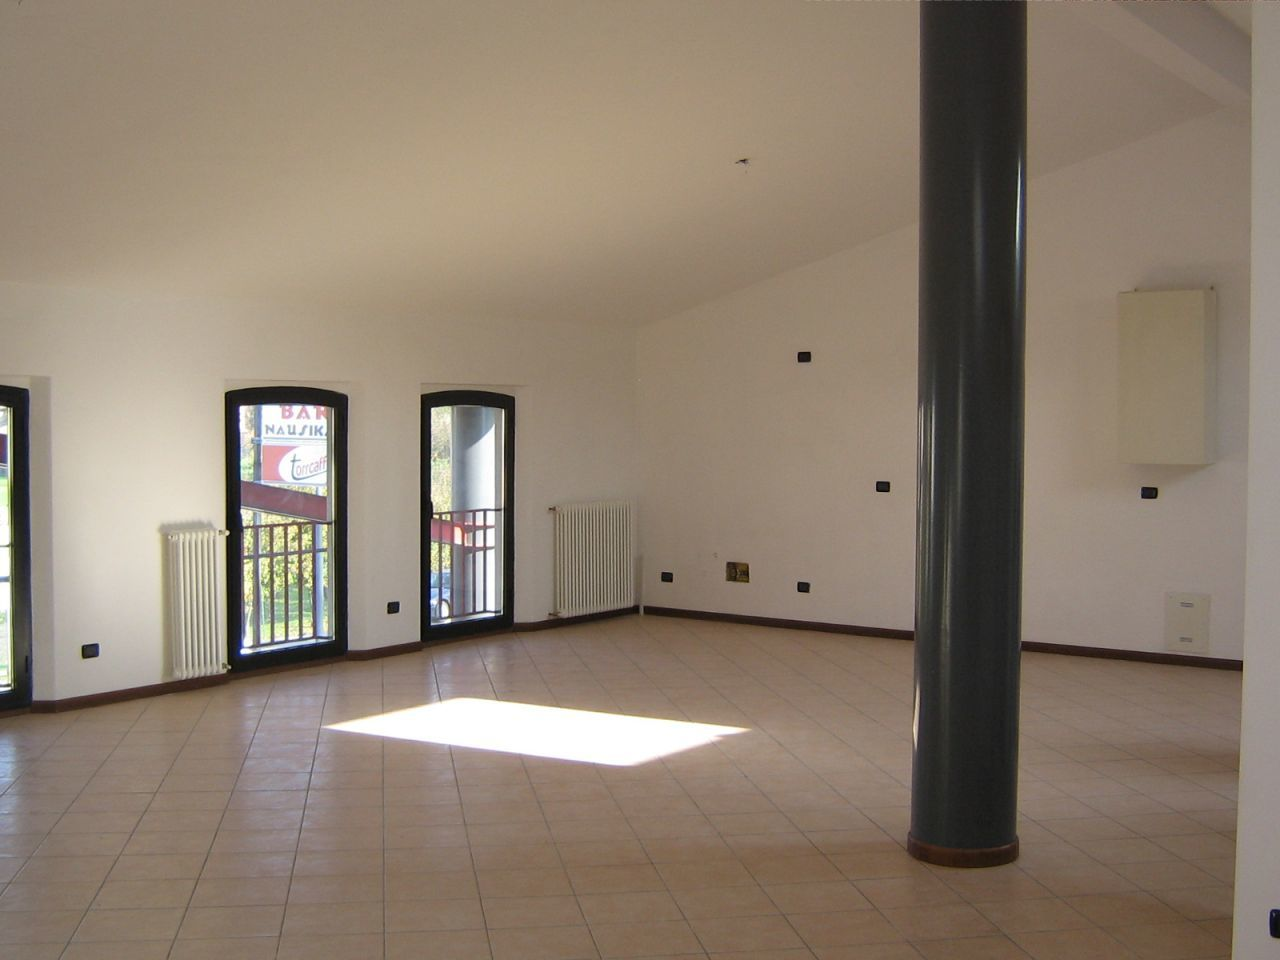 Appartamento Monolocale a Noceto in affitto - 120mq